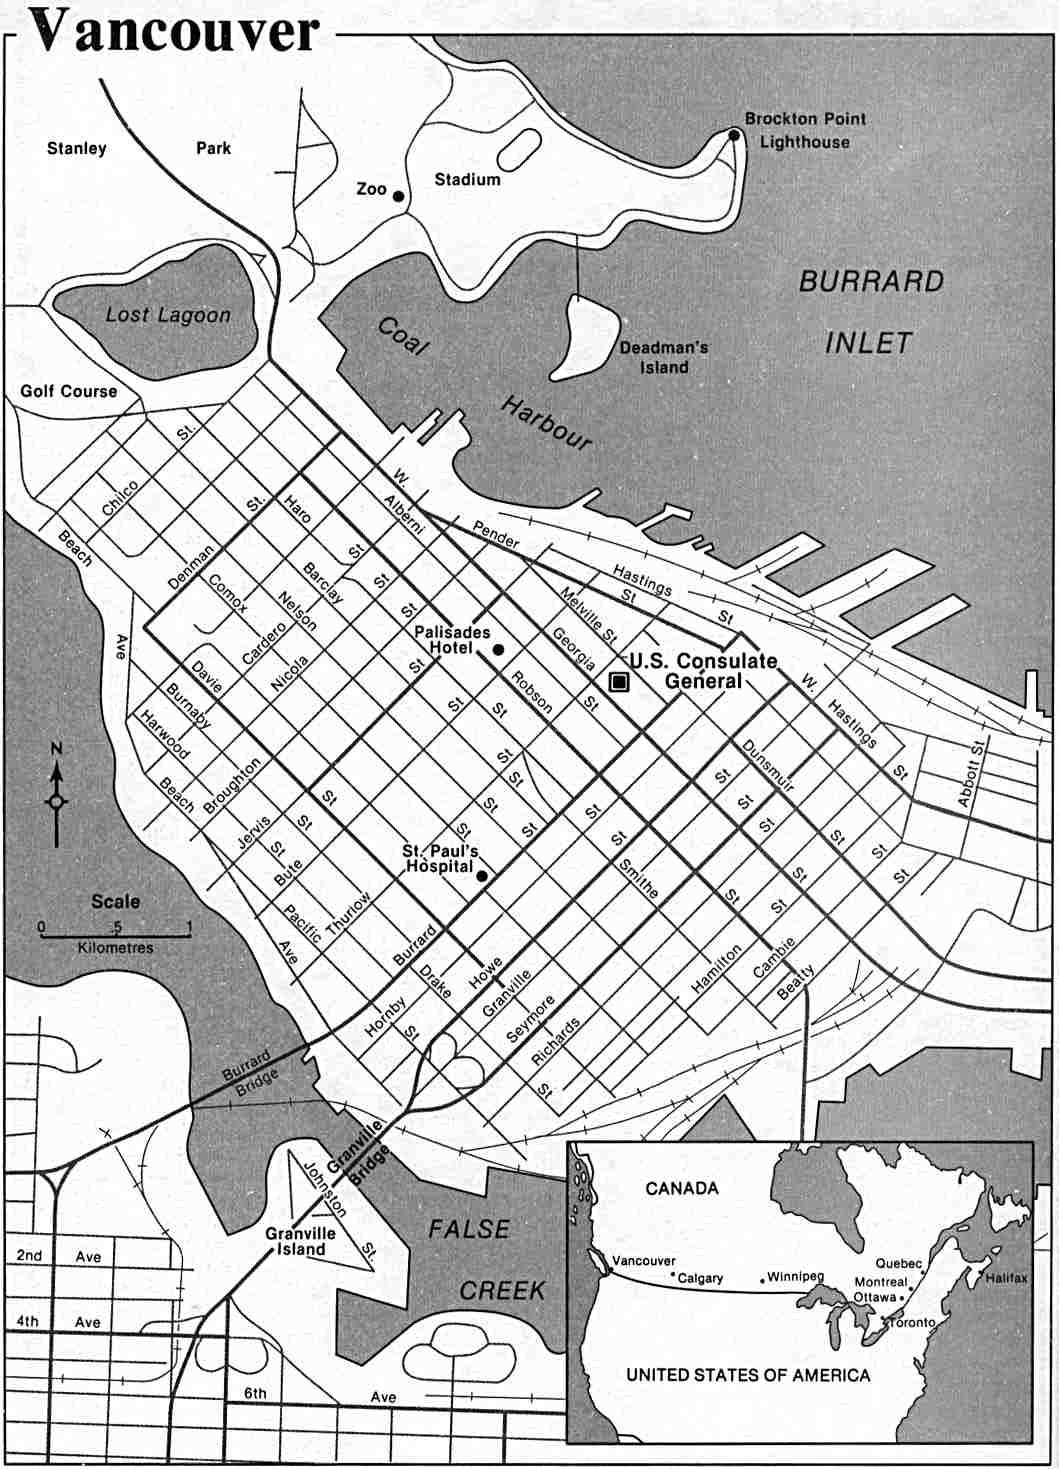 Mapa de la Ciudad de Vancouver, Columbia Británica, Canadá